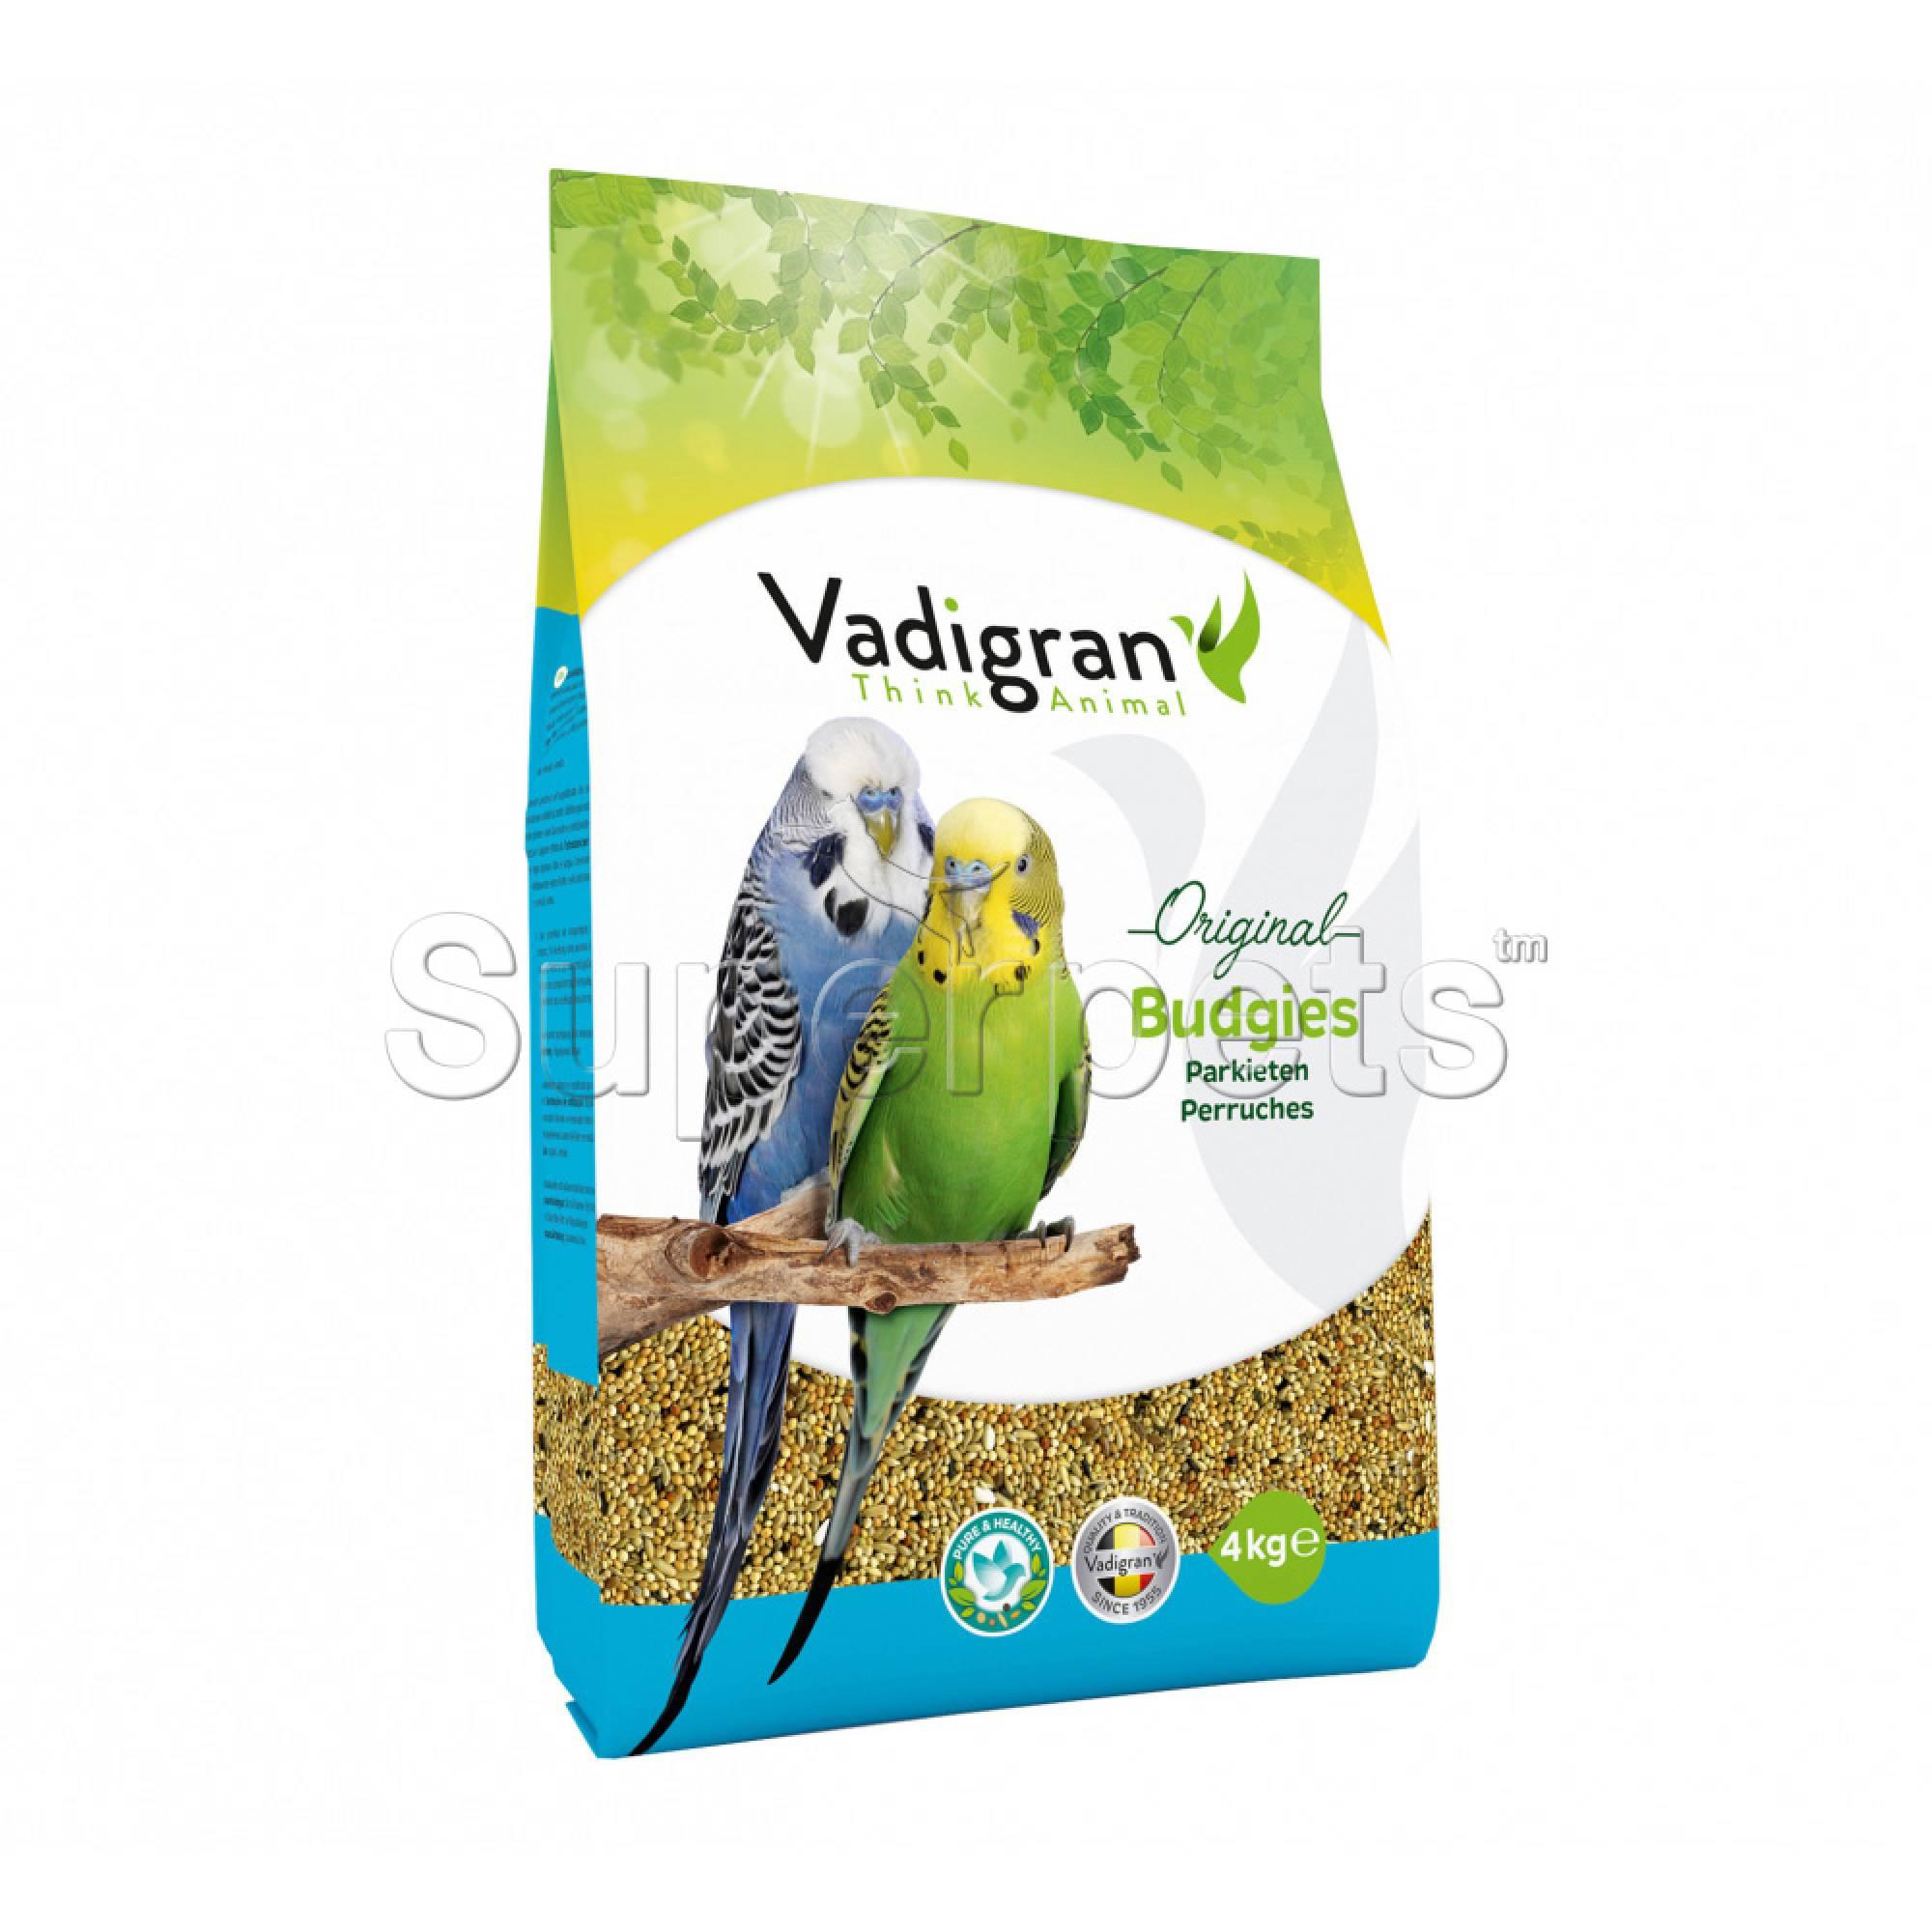 Vadigran Original Budgies 4kg